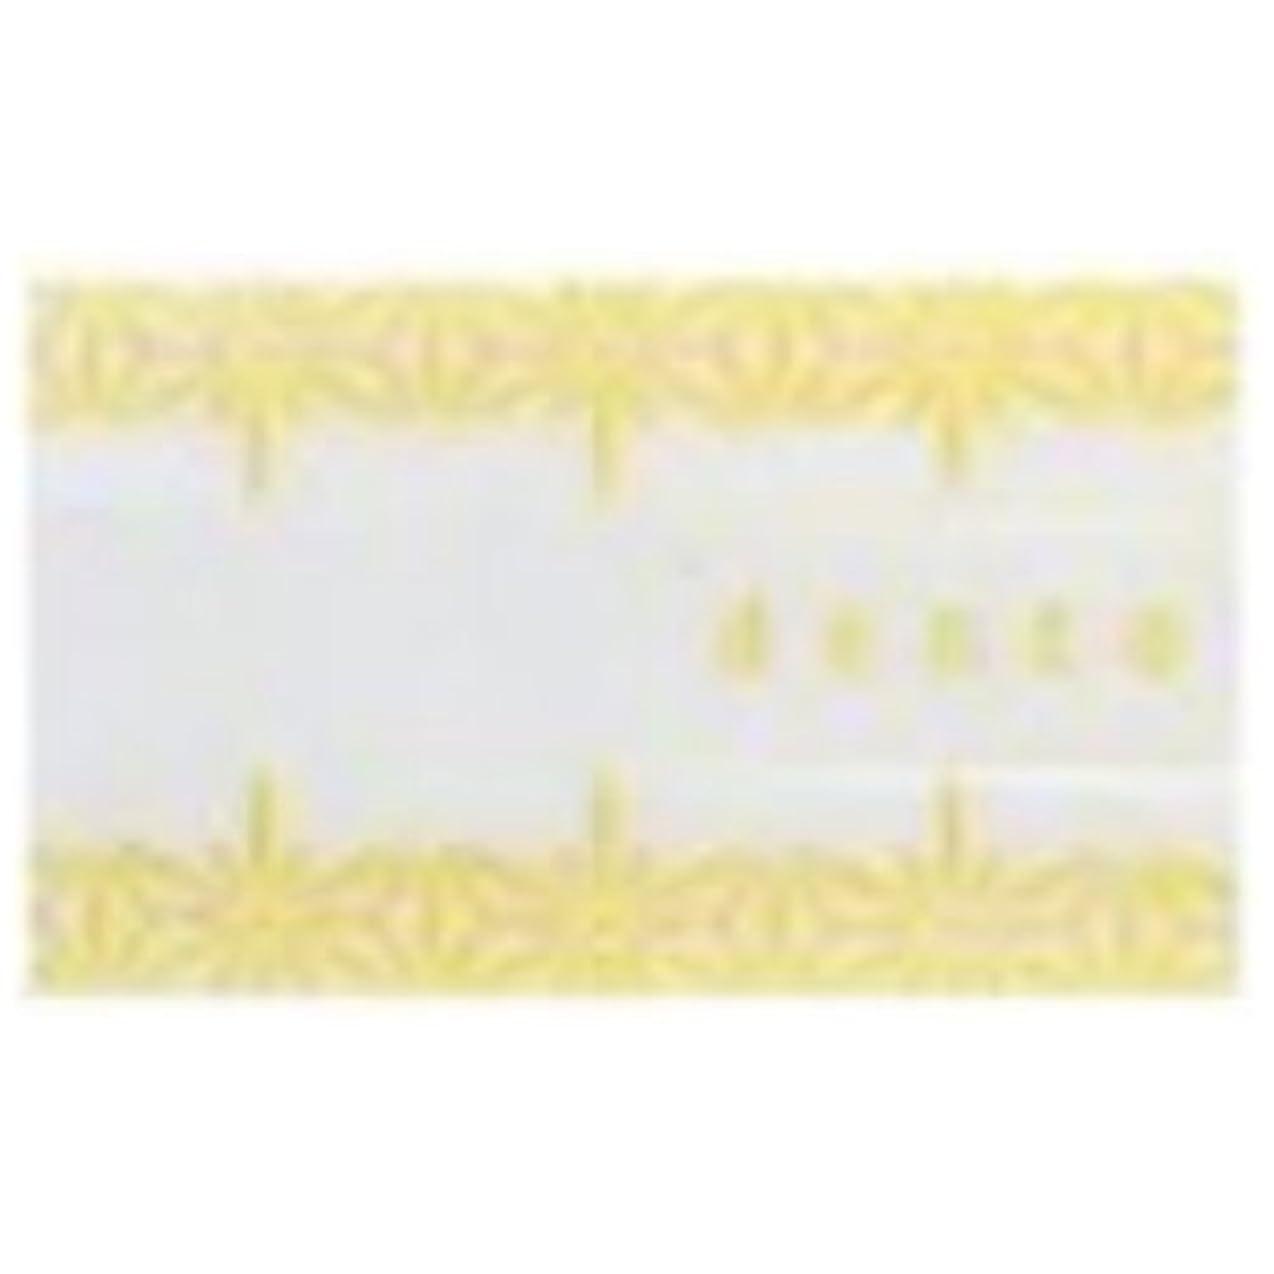 空白衣服話をする薫寿堂 紙のお香 美香 檀の香り 30枚入